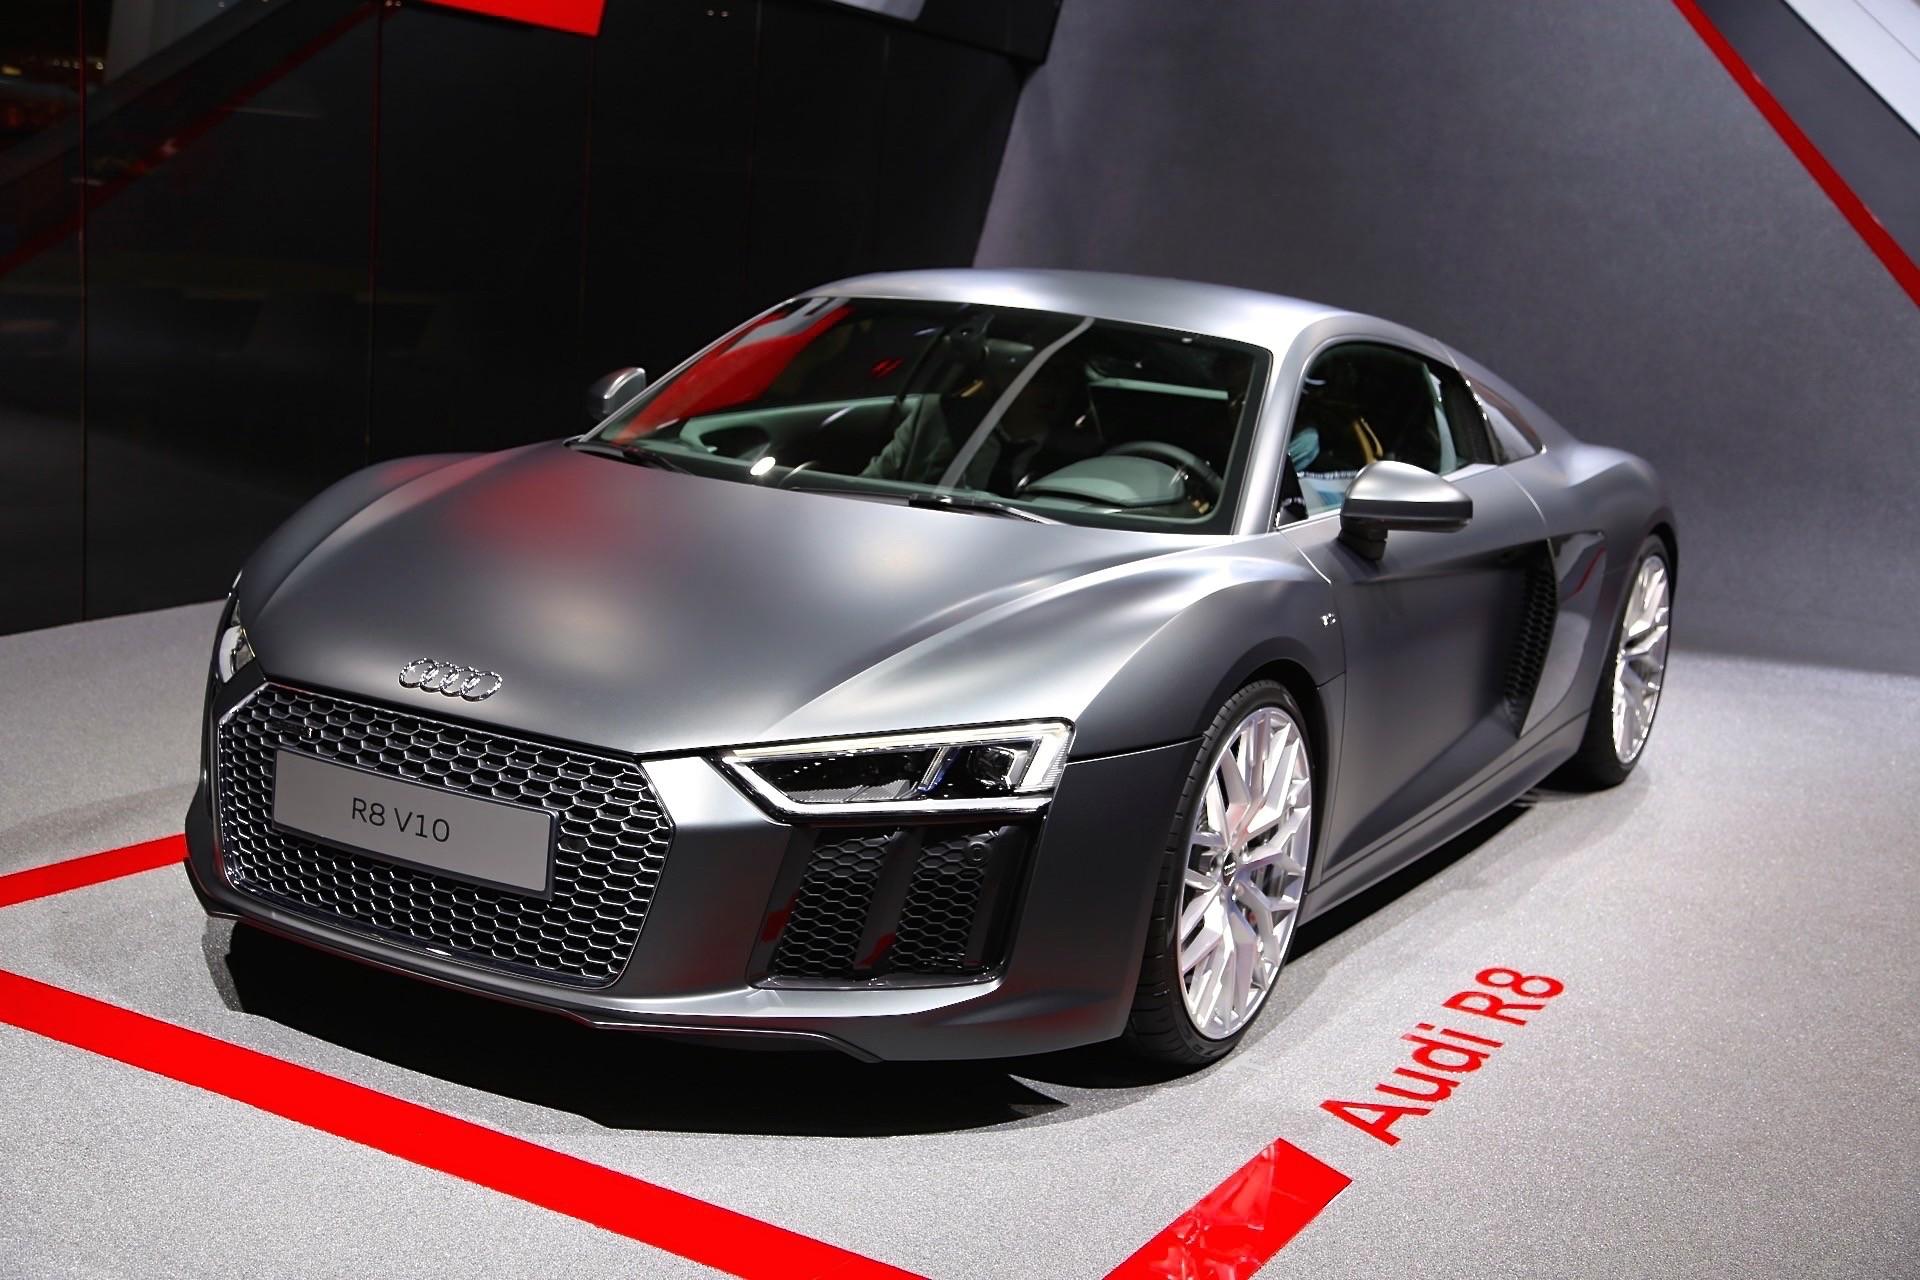 Audi объявила стоимость новой модификации спорткара R8